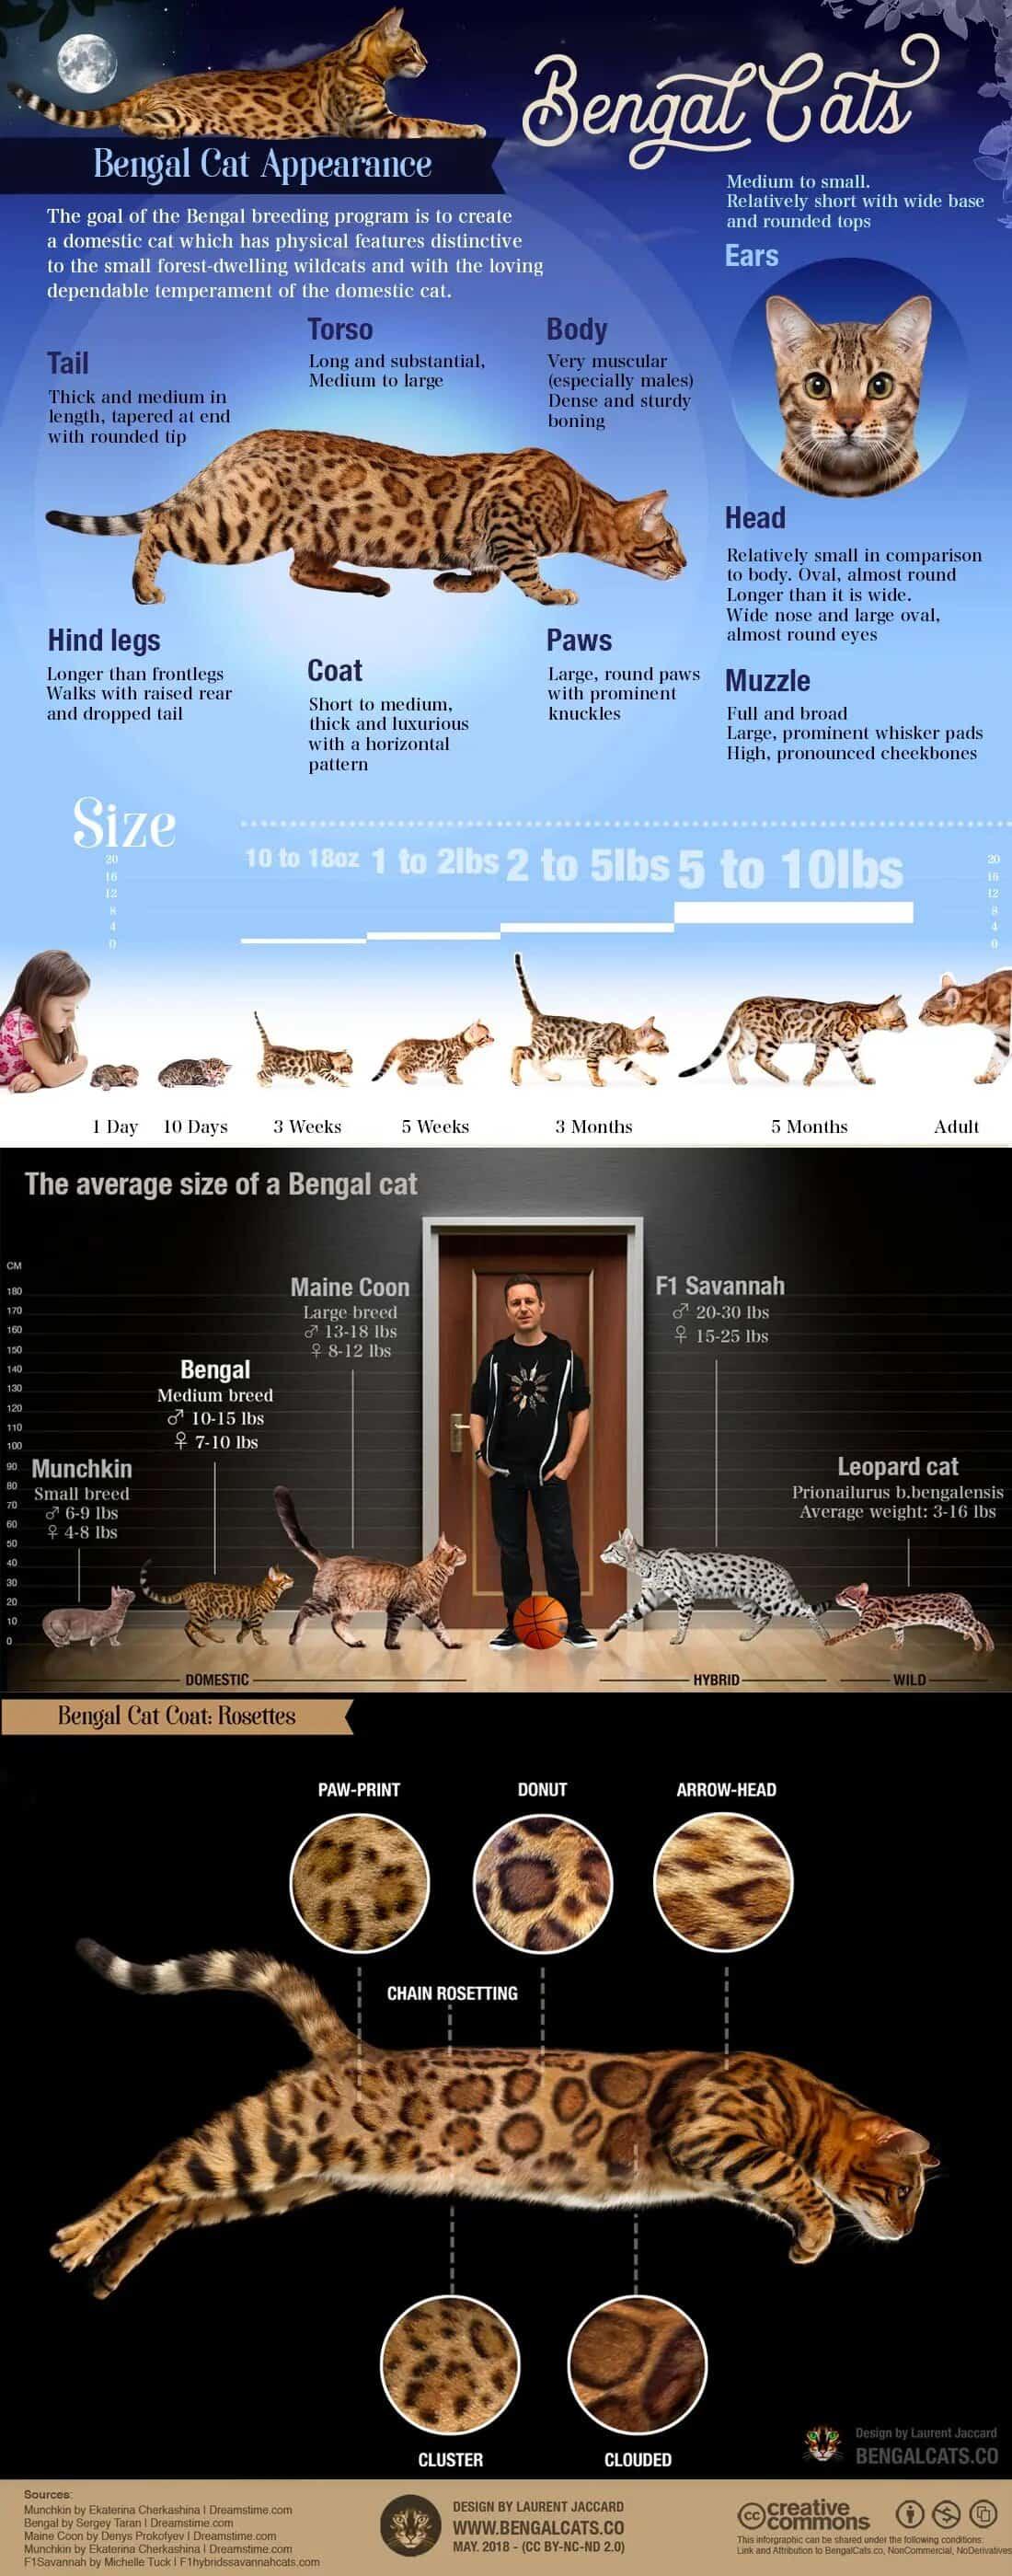 Bengal Cat Breed Characteristics